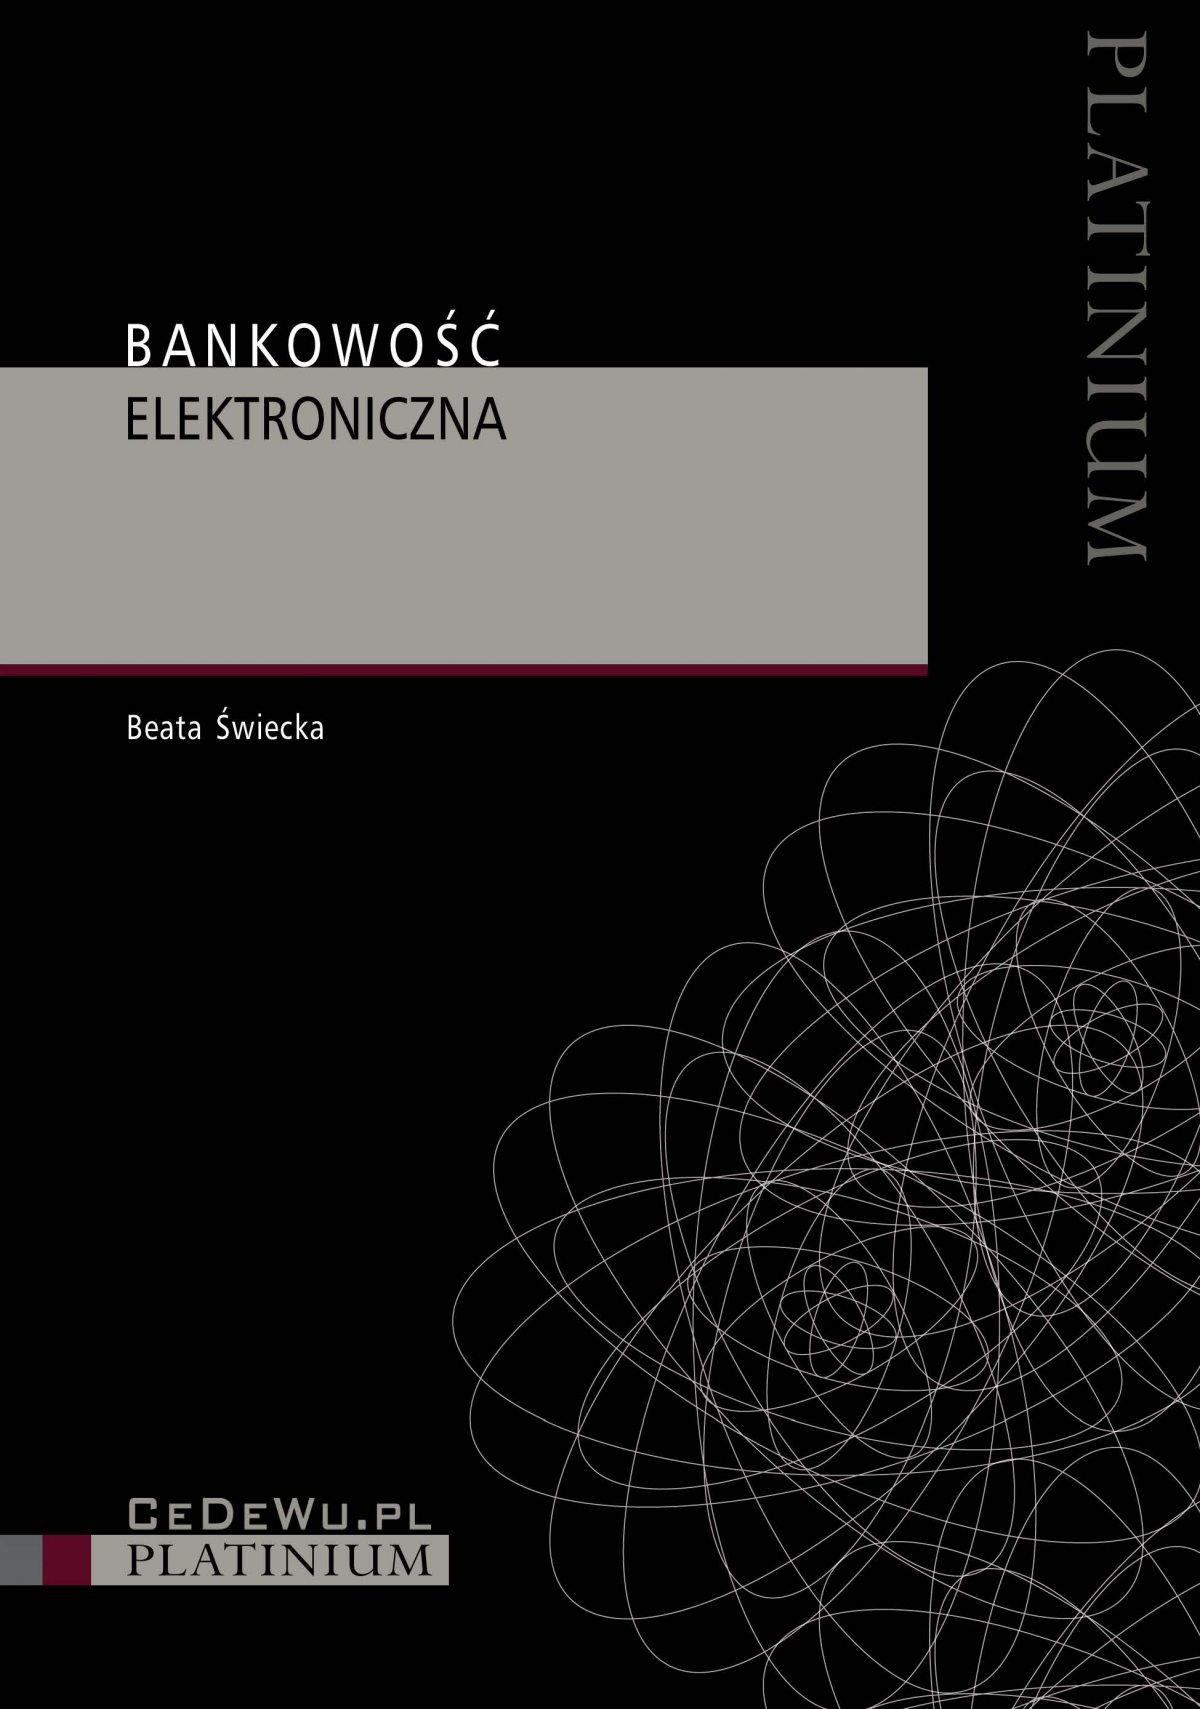 Bankowość elektroniczna. Wydanie 3 - Ebook (Książka PDF) do pobrania w formacie PDF